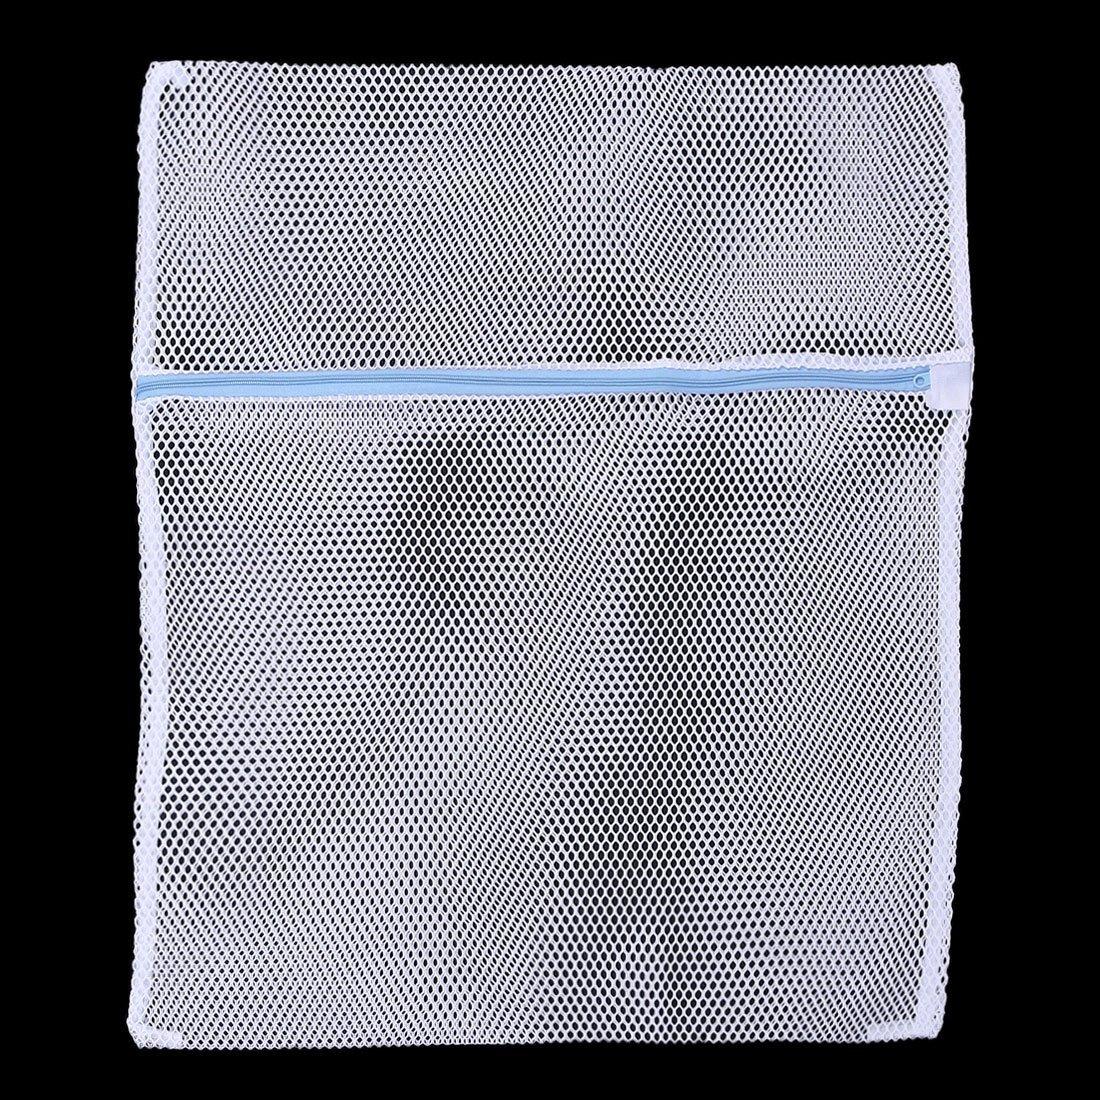 Amazon.com: eDealMax poliéster Familiar Lavandería Calcetines Ropa Interior Para máquina de Lavar la Bolsa de Malla DE 50 x 60 cm: Home & Kitchen